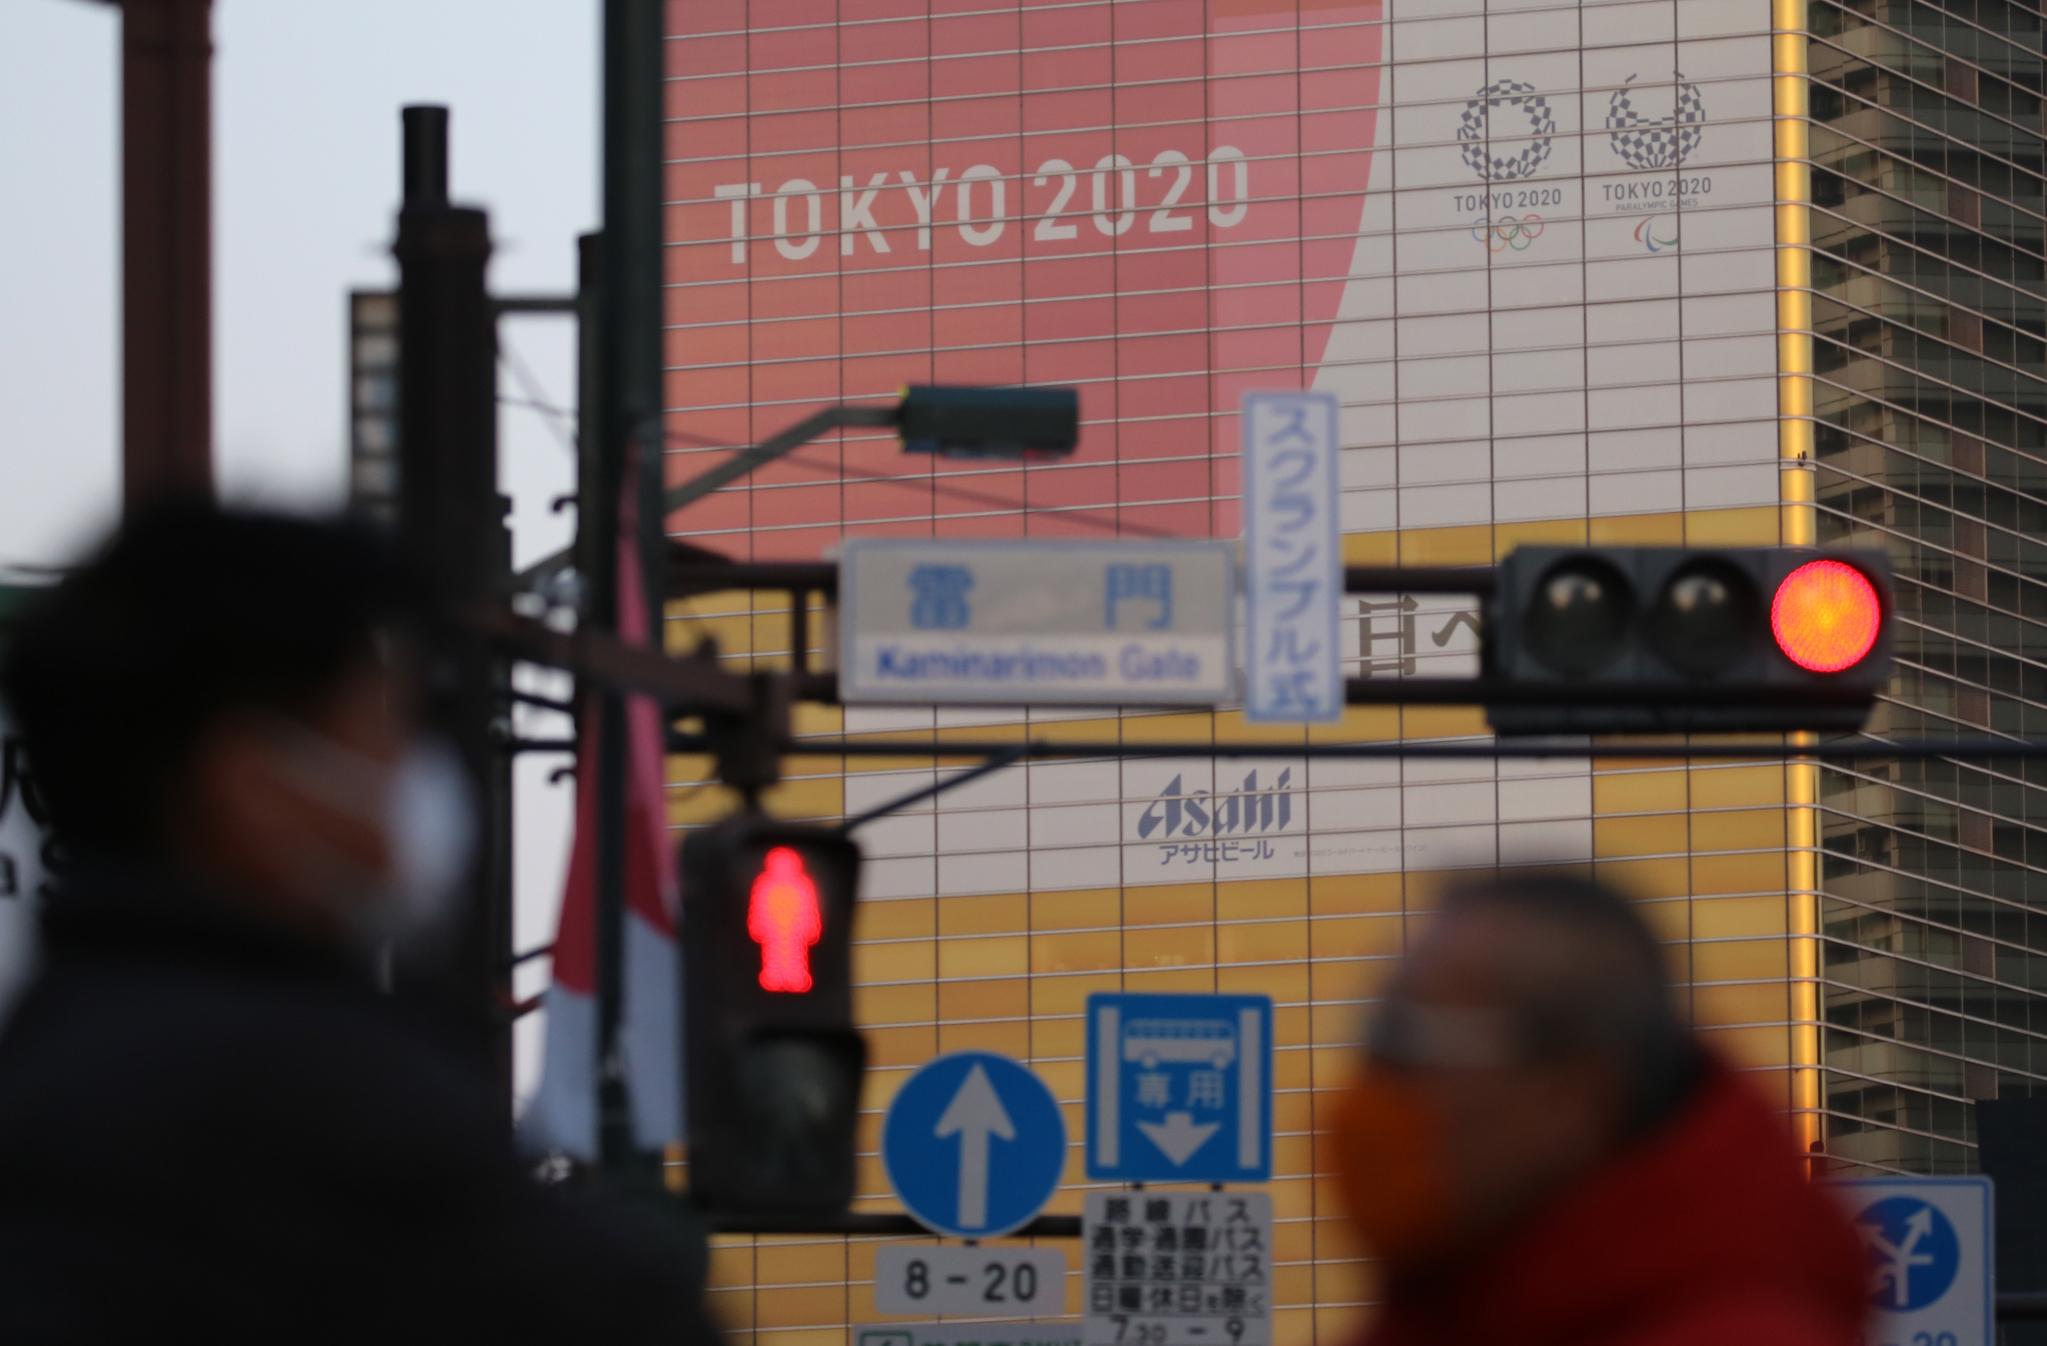 일본 도쿄도 스미다(墨田)구의 한 건물에 도쿄올림픽 홍보물이 설치된 가운데 근처에 보이는 신호등에 적신호가 켜져 있다. 연합뉴스